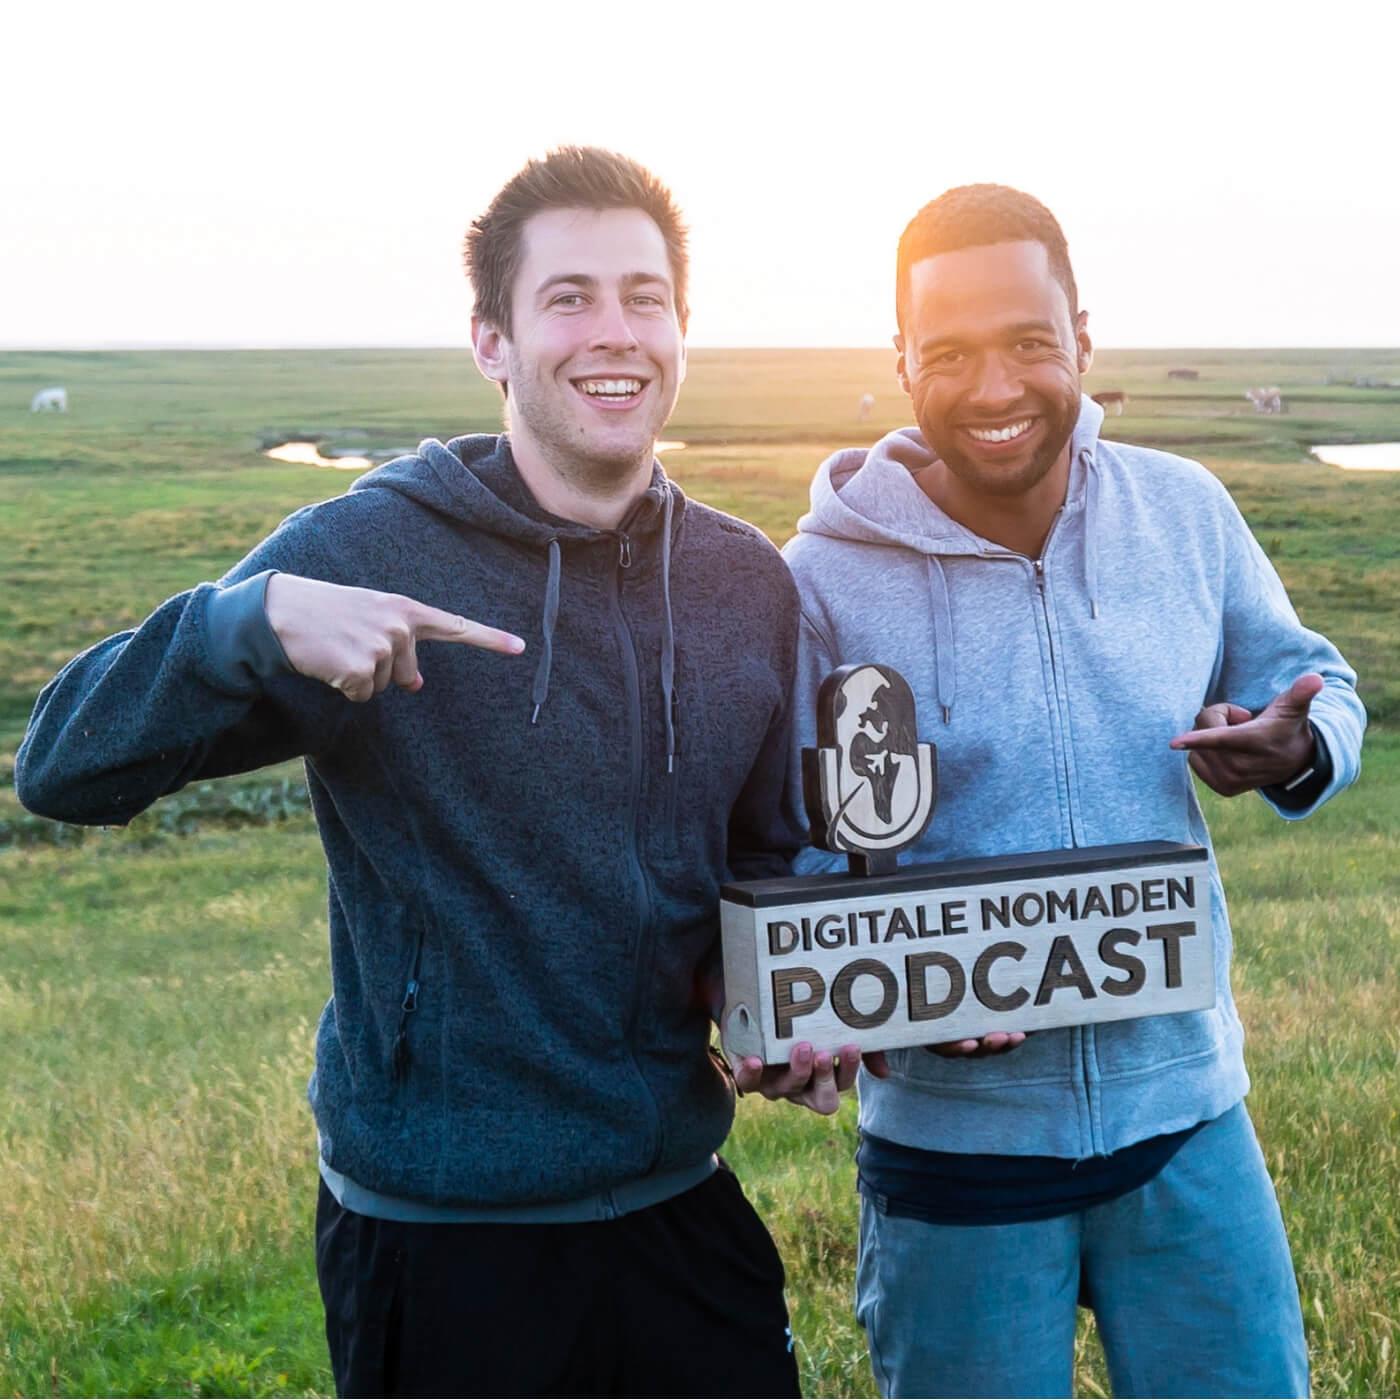 Digitale Nomaden Podcast - Raus aus dem Hamsterrad. Rein in die Freiheit.